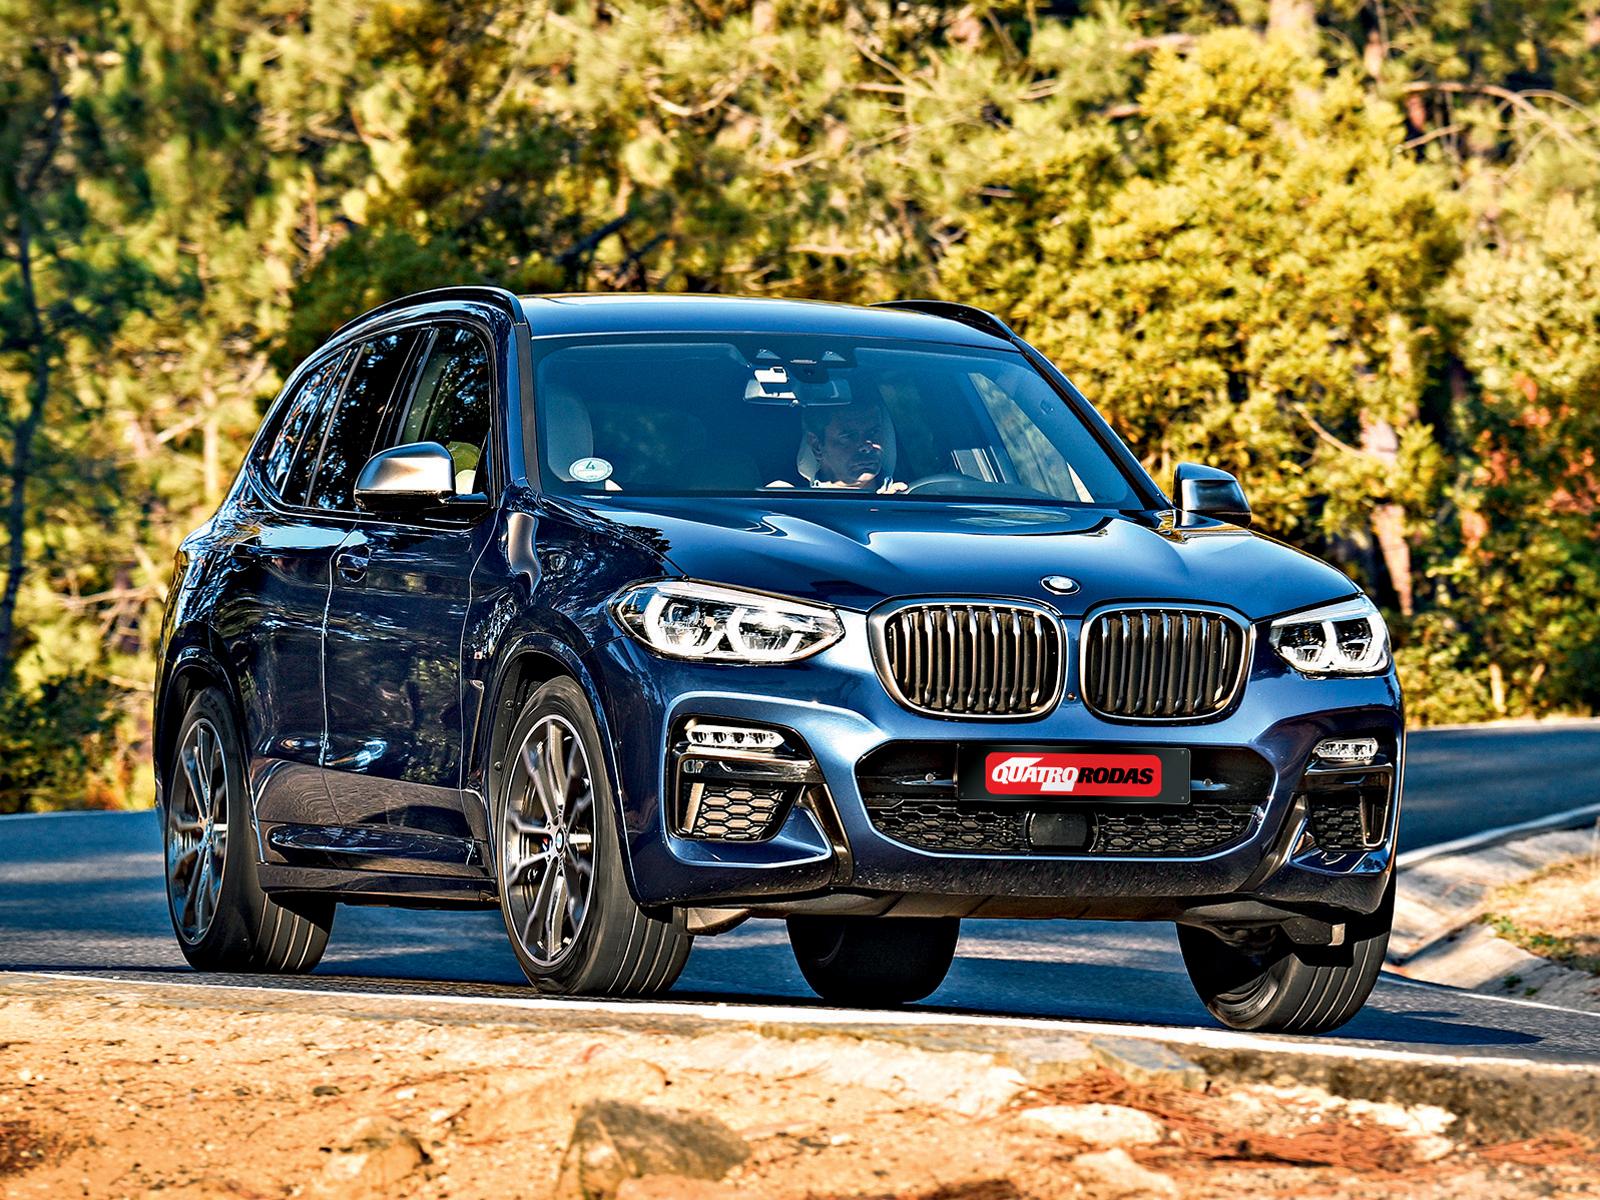 A nova geração do X3 tem preço estimado de 66.300 euros na Alemanha